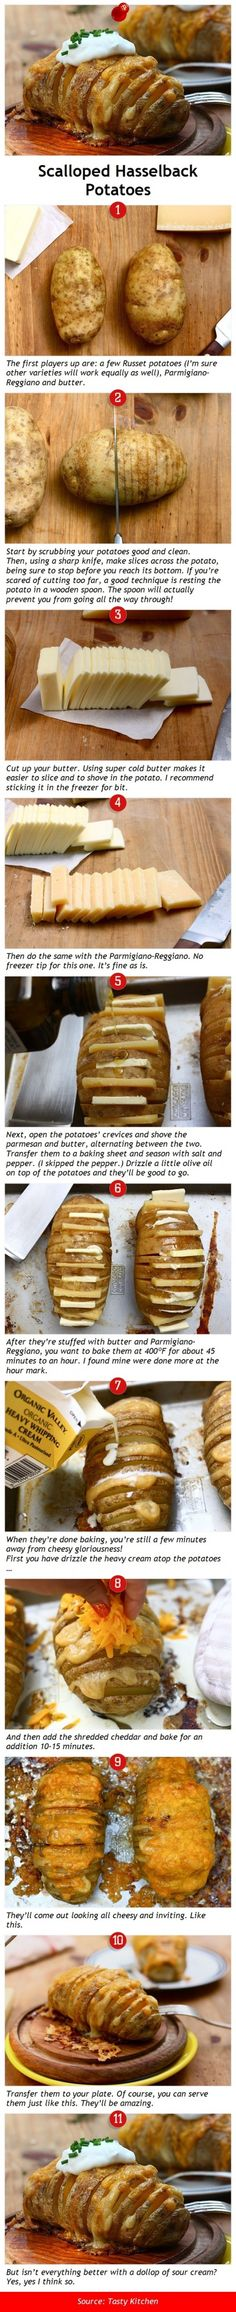 aardappel met kaas uit de oven